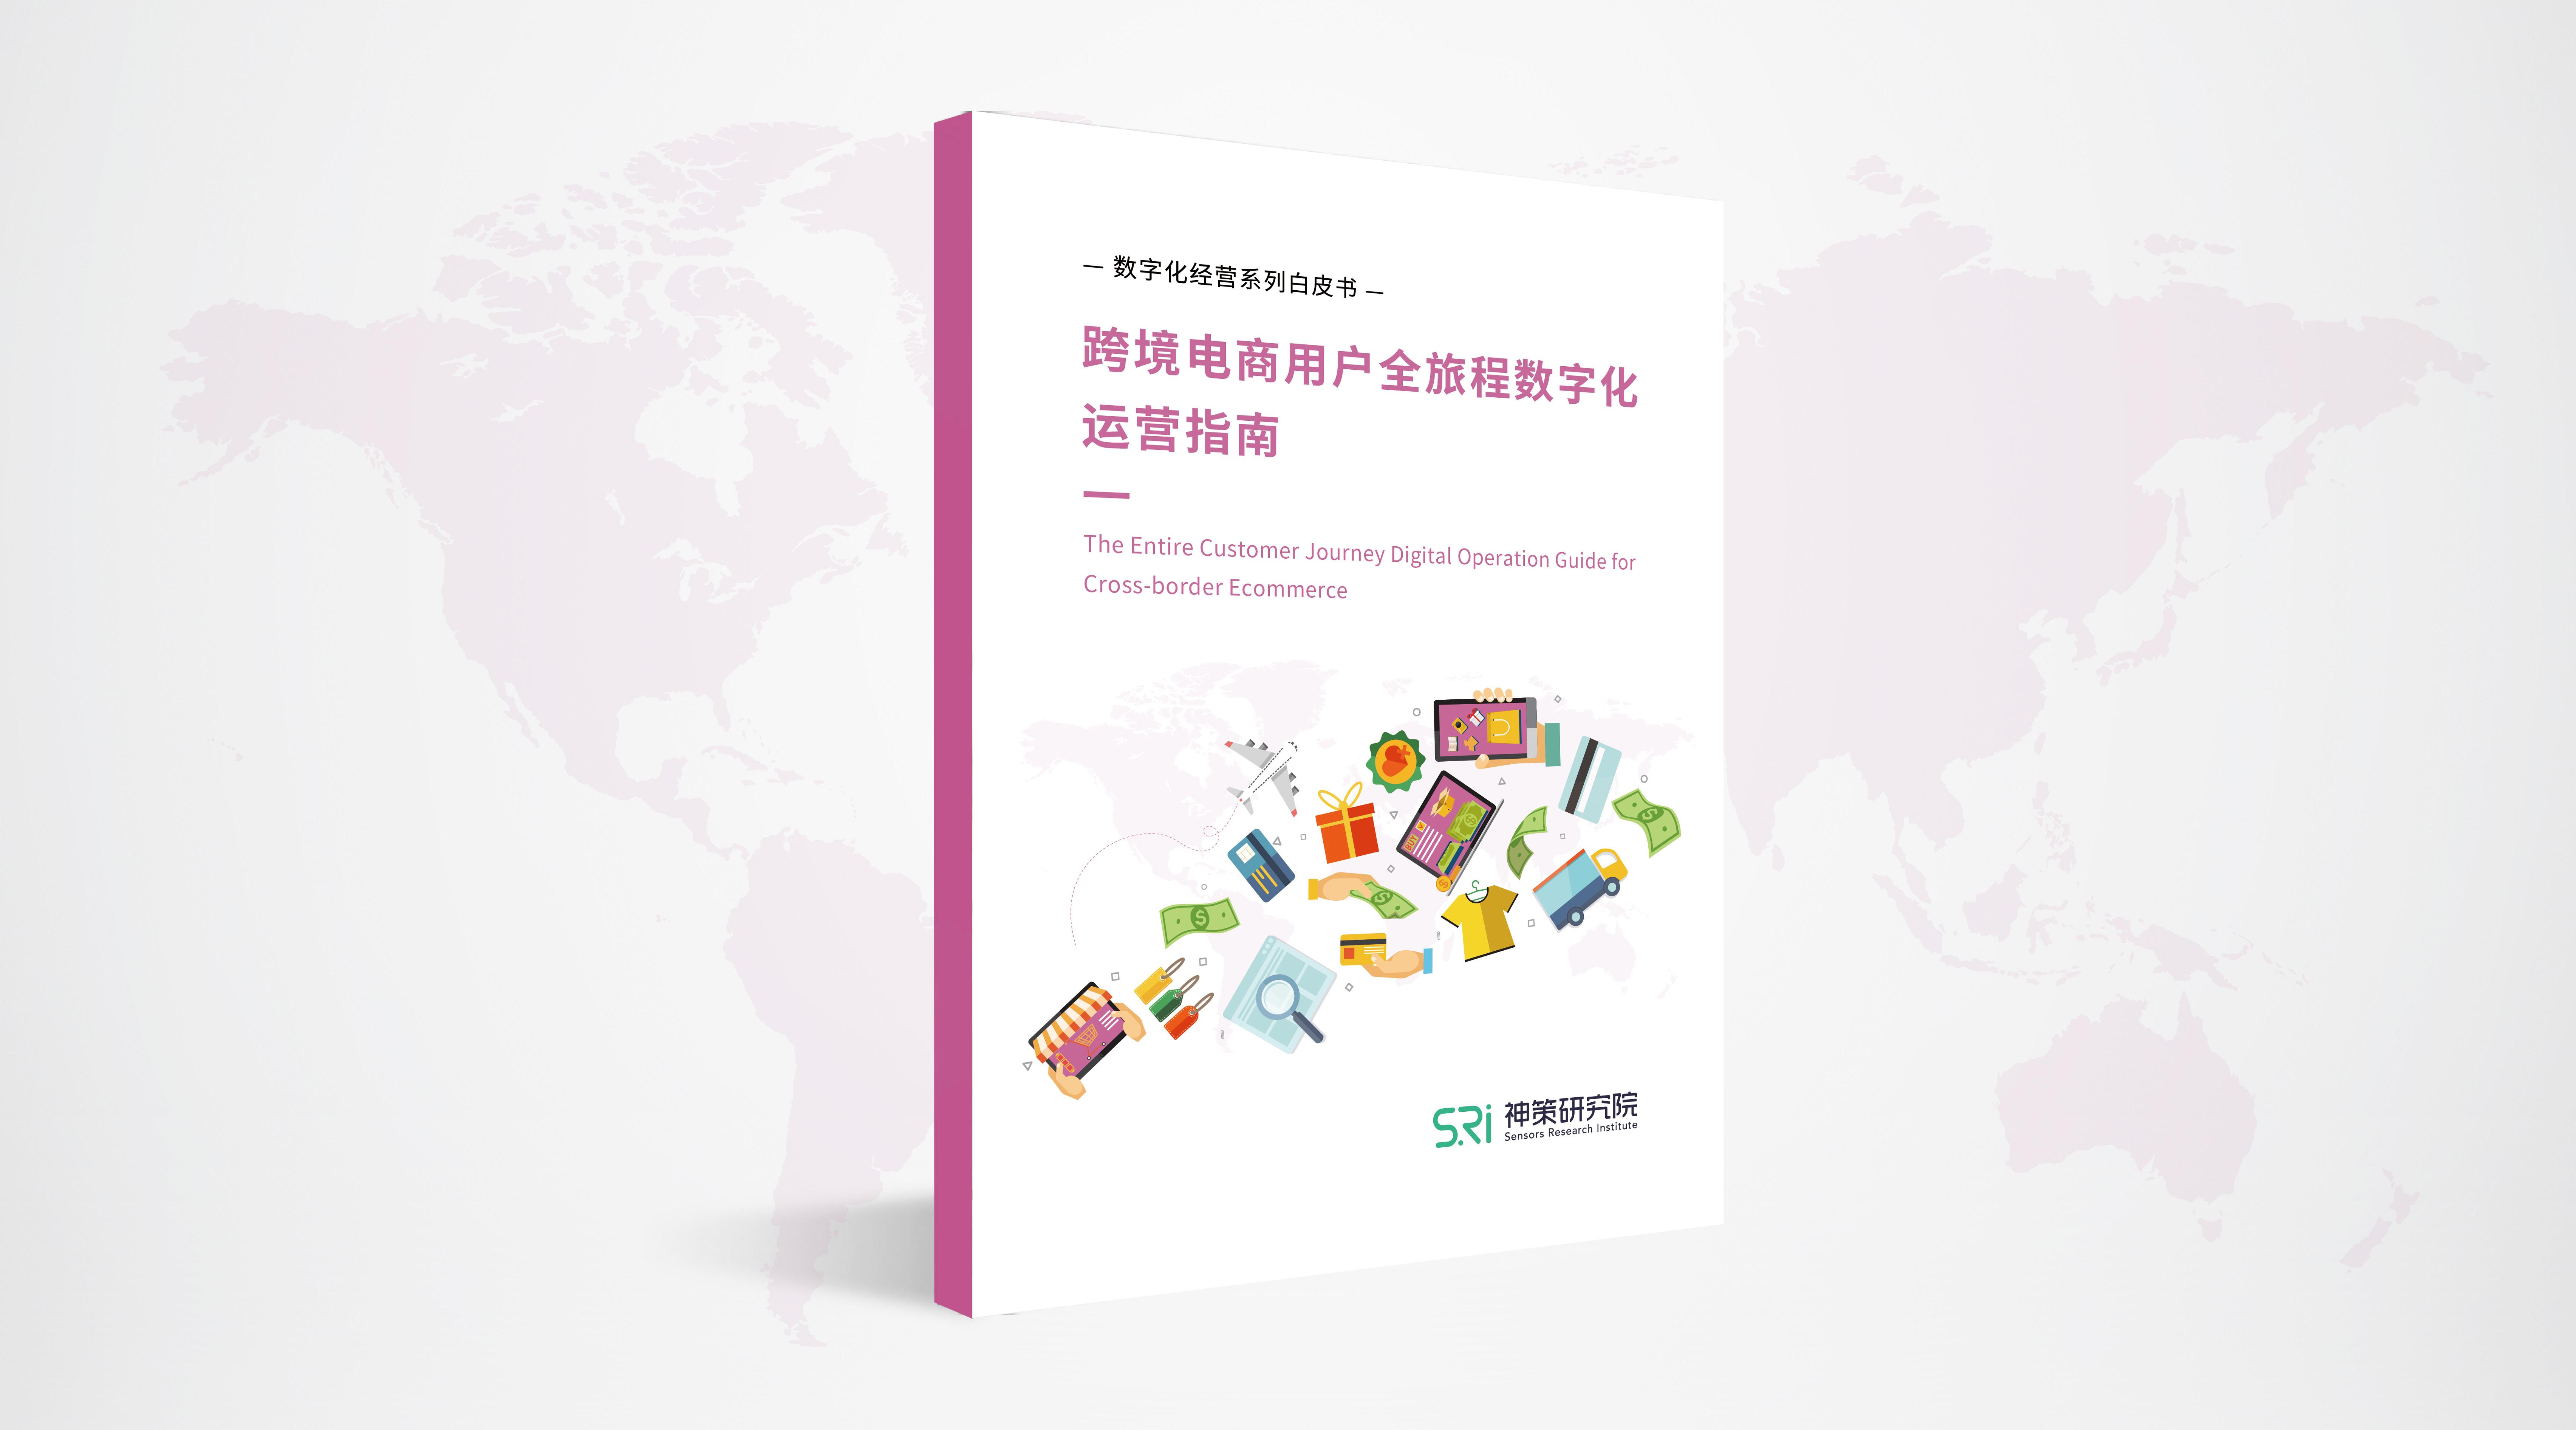 https://guanwang-1301026175.cos.ap-beijing.myqcloud.com/ee/20210927152131671bdba41cf-5759-4cd8-9f5e-e189d3bd5607.pdf